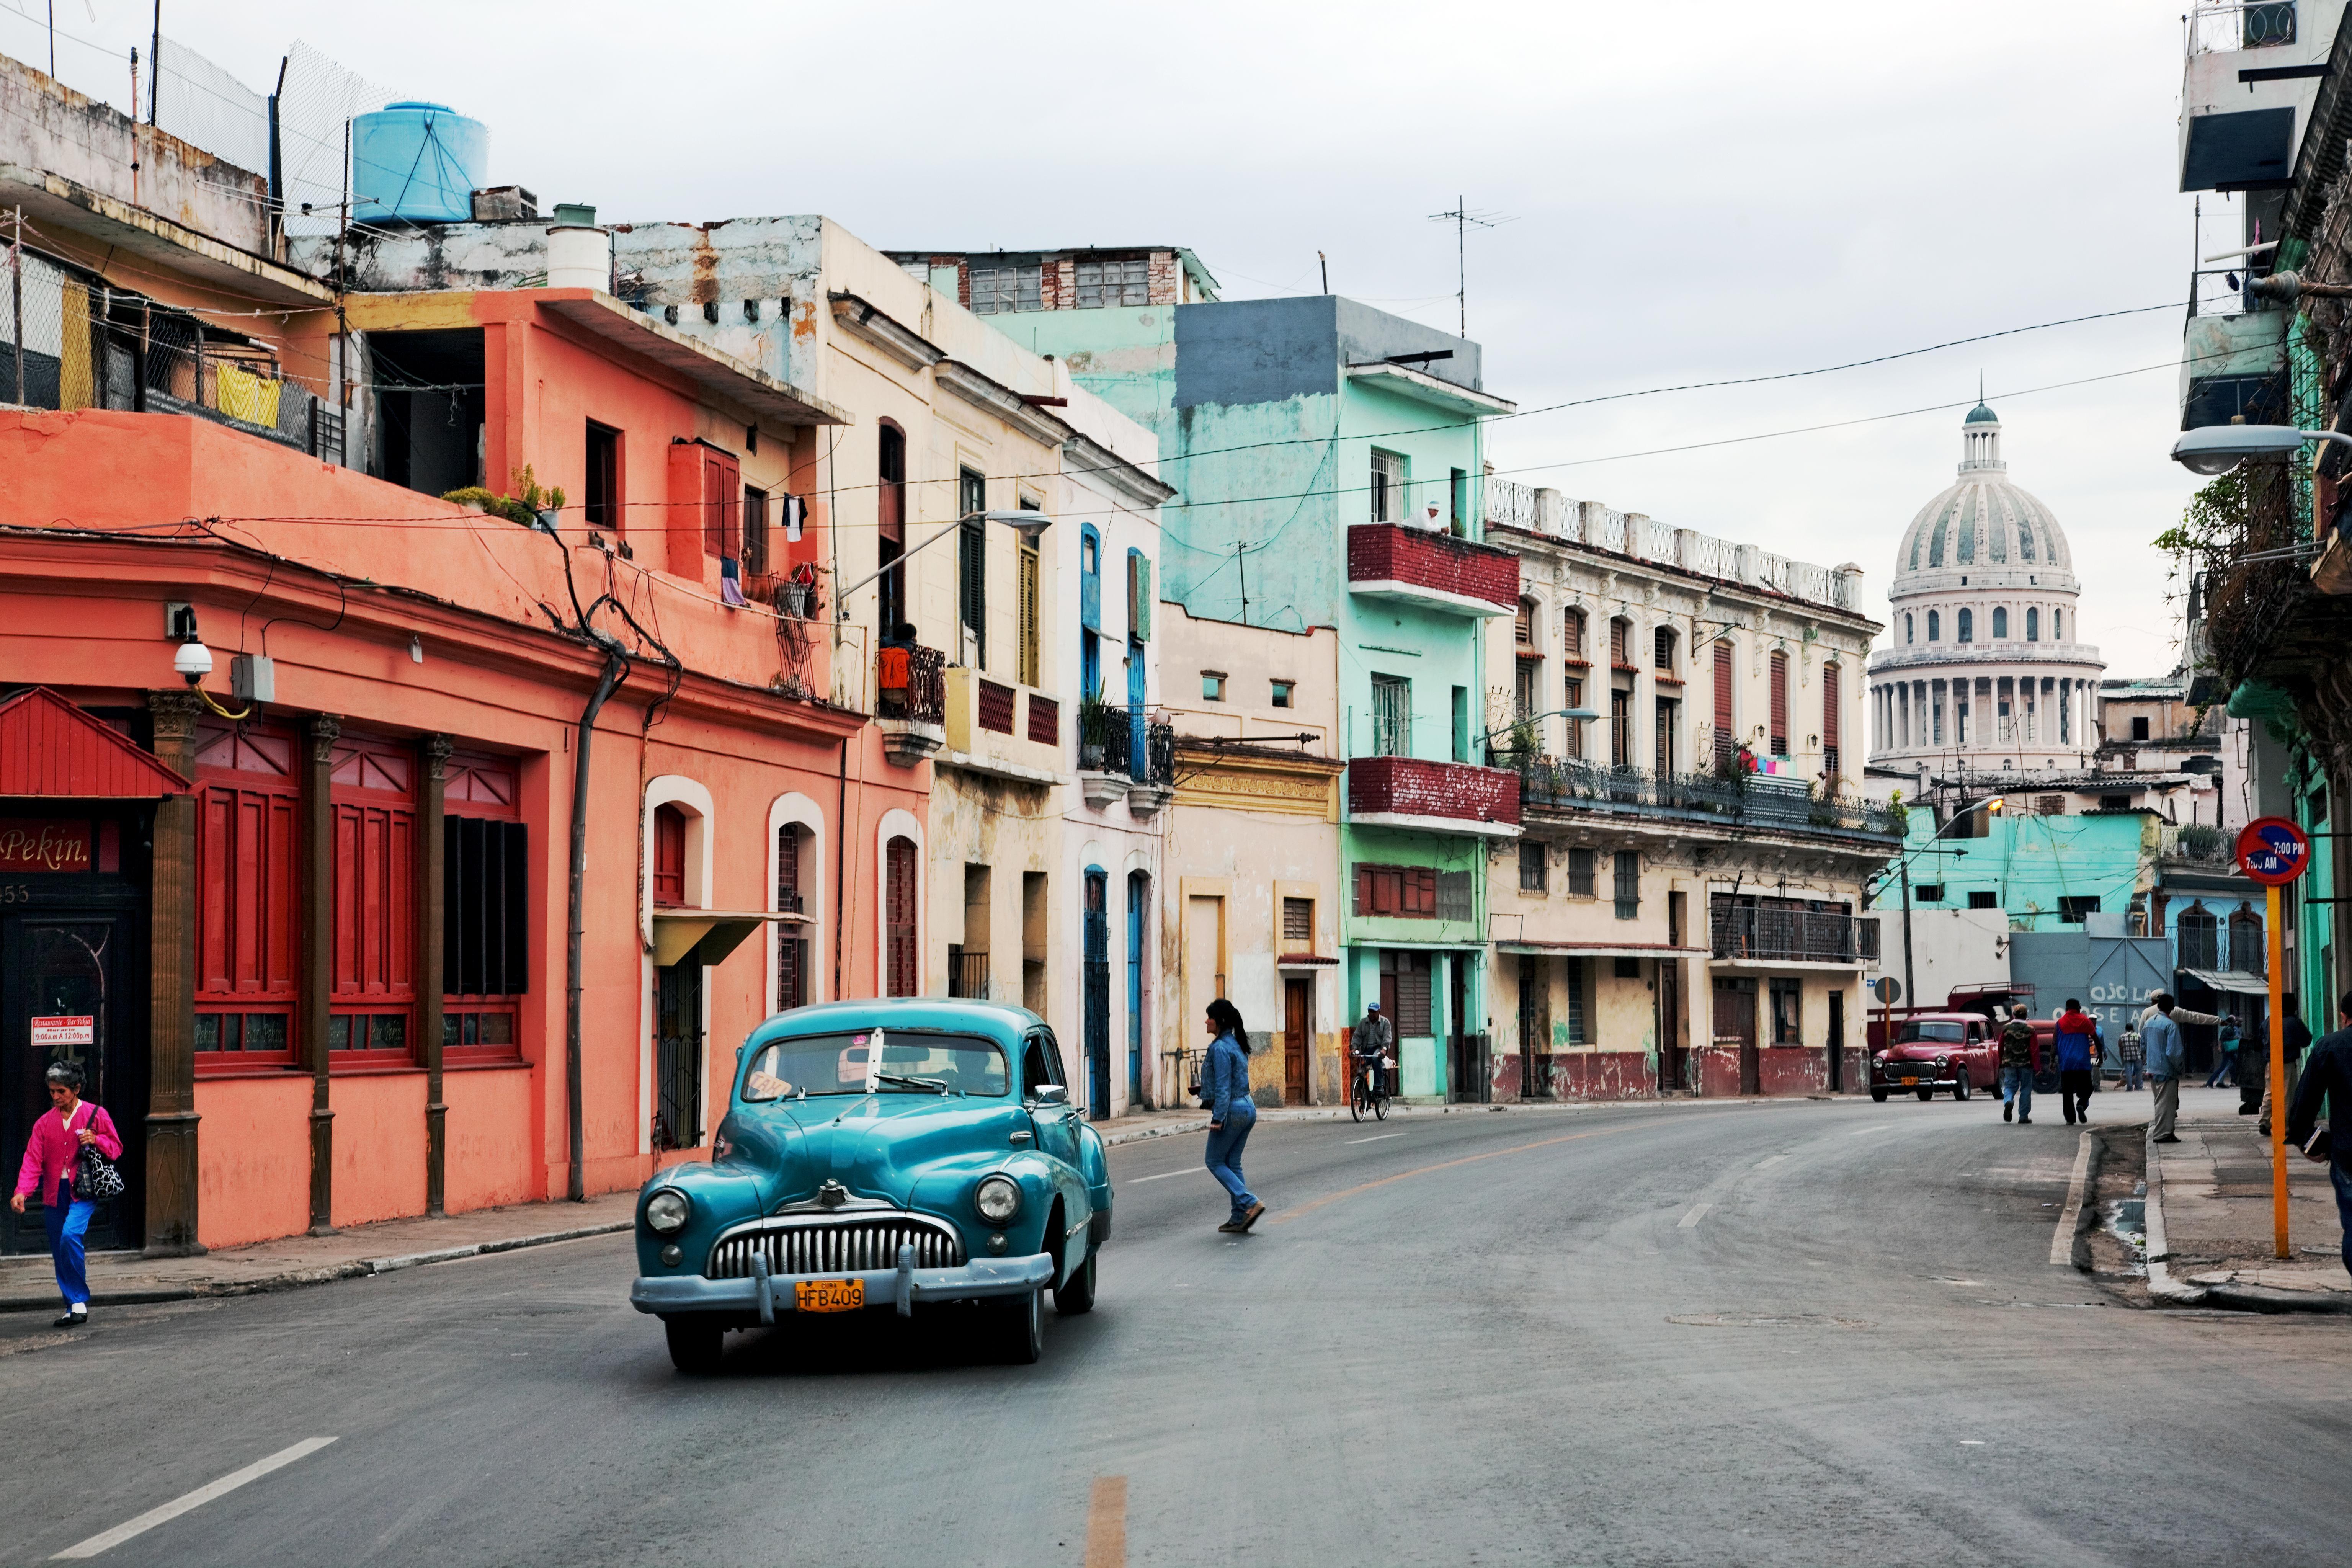 15-melhores-lugares-para-viajar-esse-ano-2018-cuba-havana 15 melhores lugares para viajar esse ano 2018